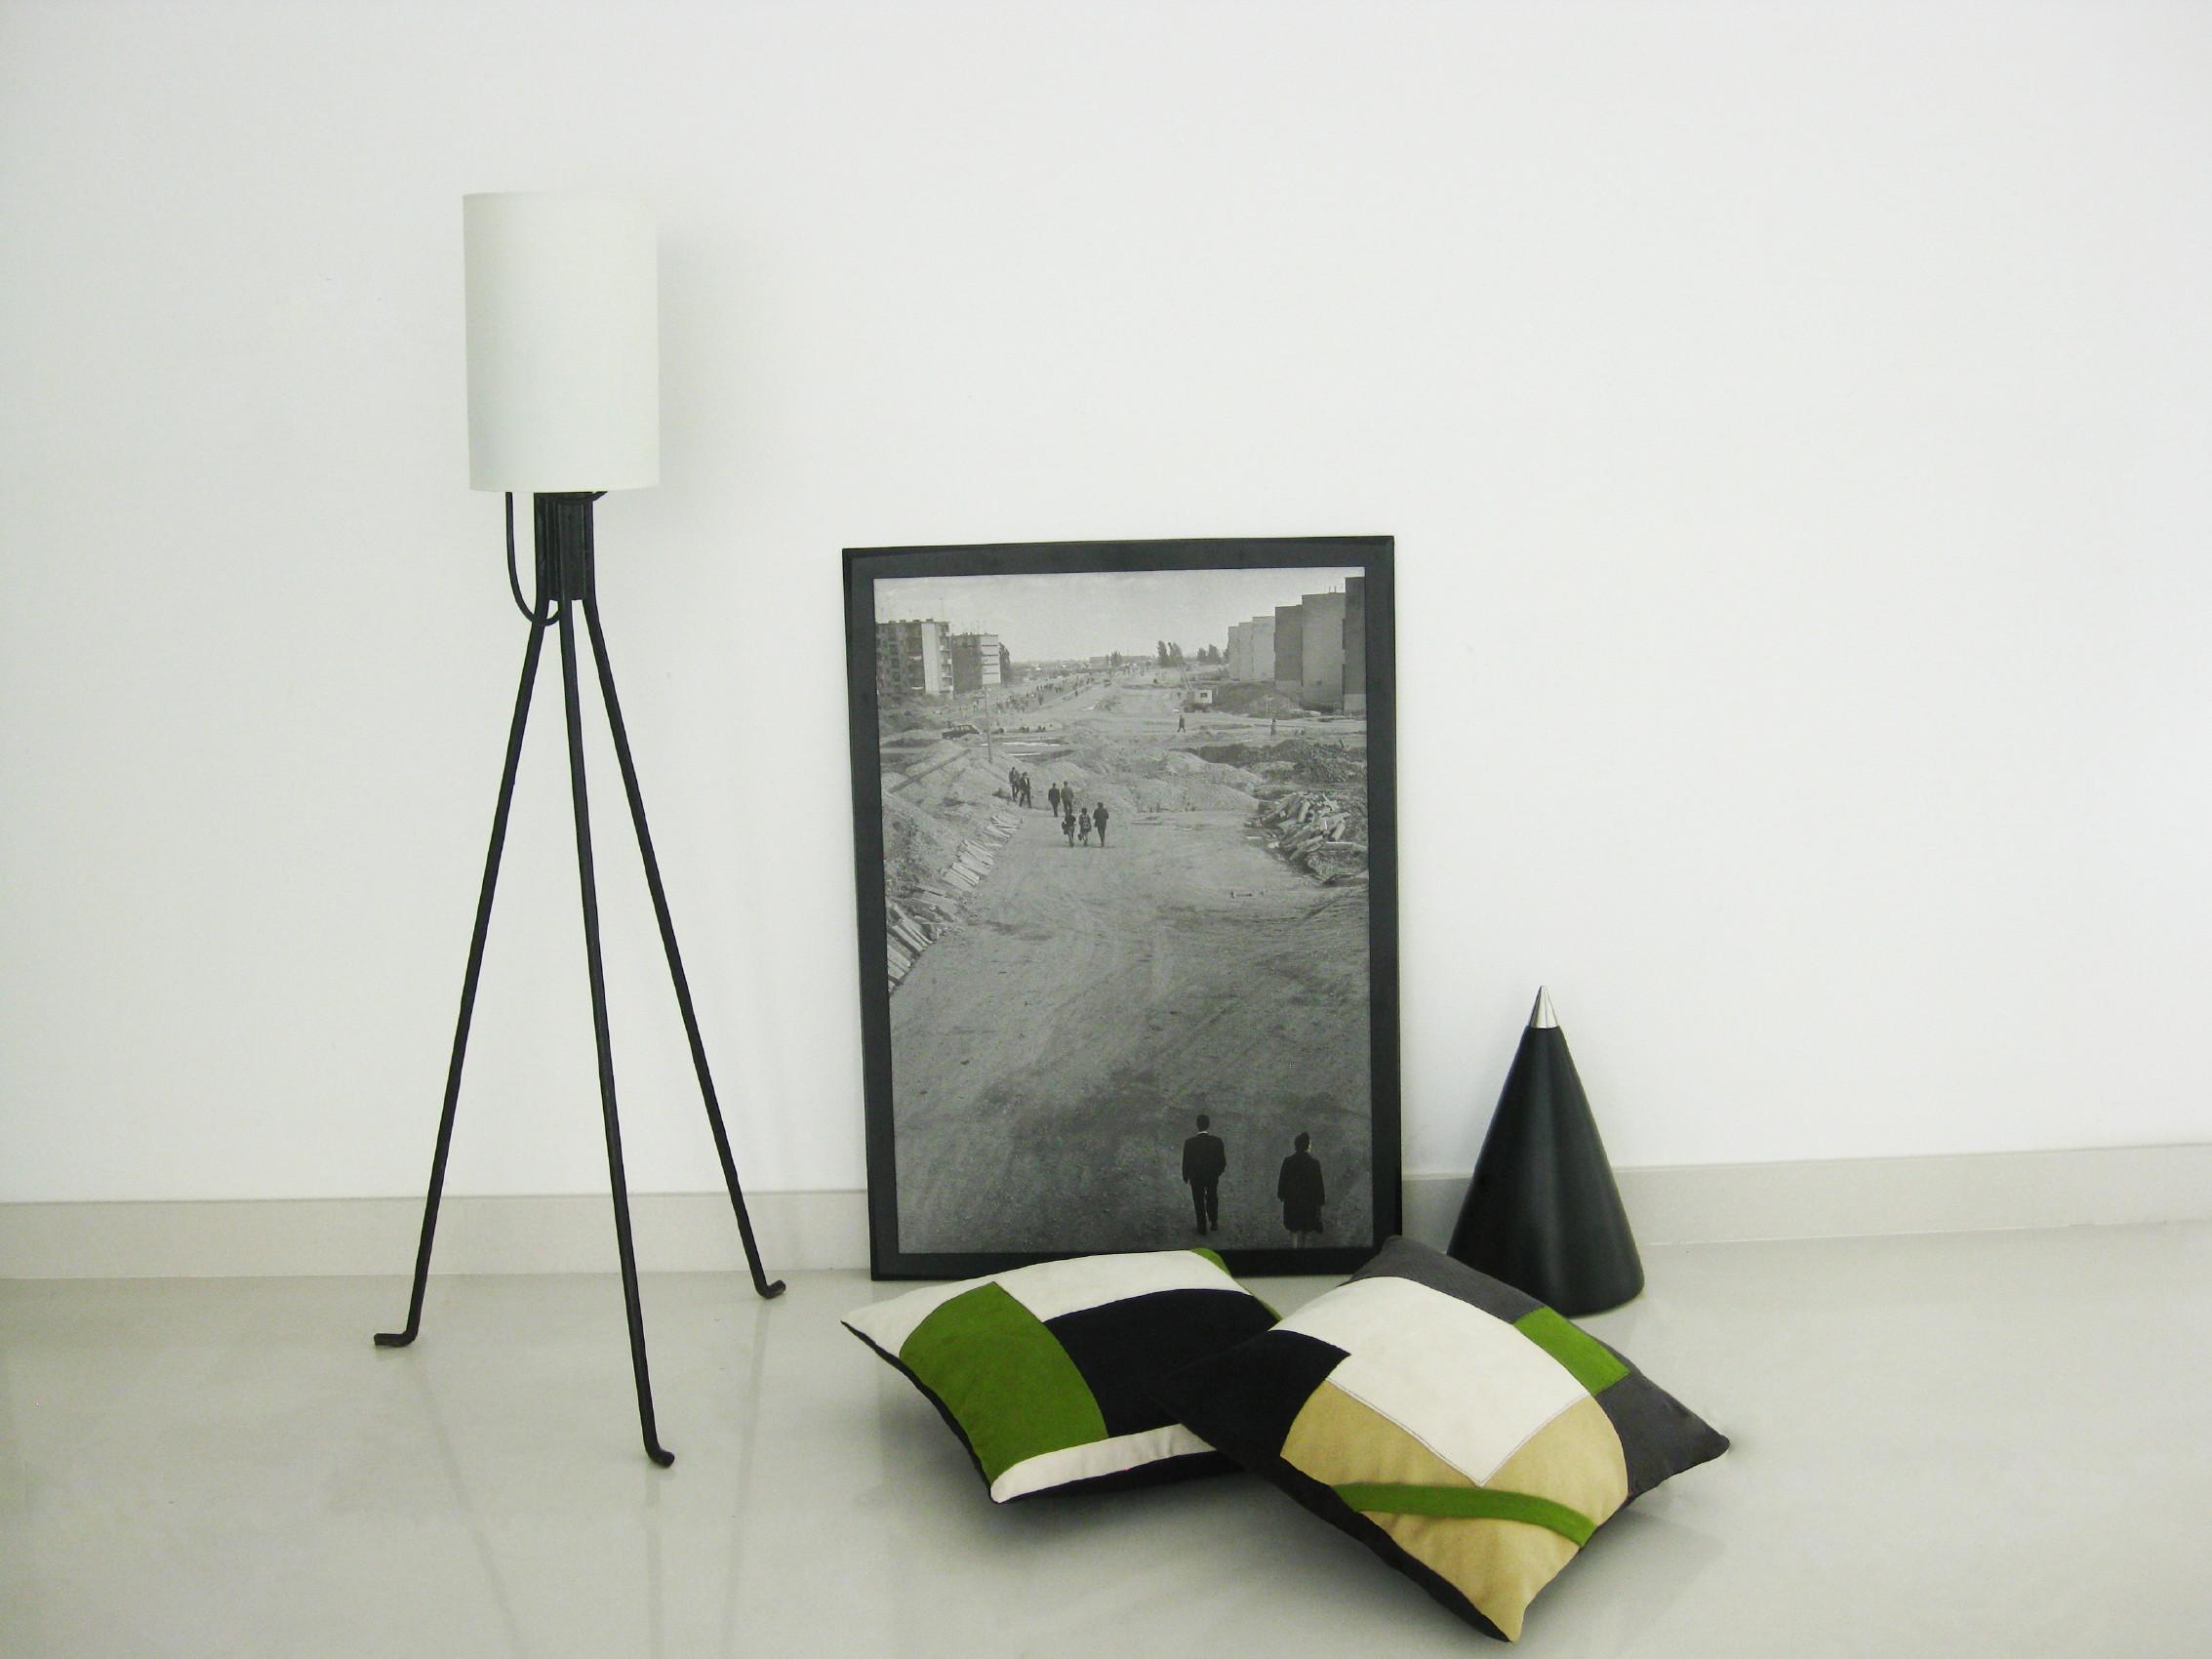 nova-linija-decora-kolekcija-jastuka-modne dizajnerice-marine-prevolsek-5